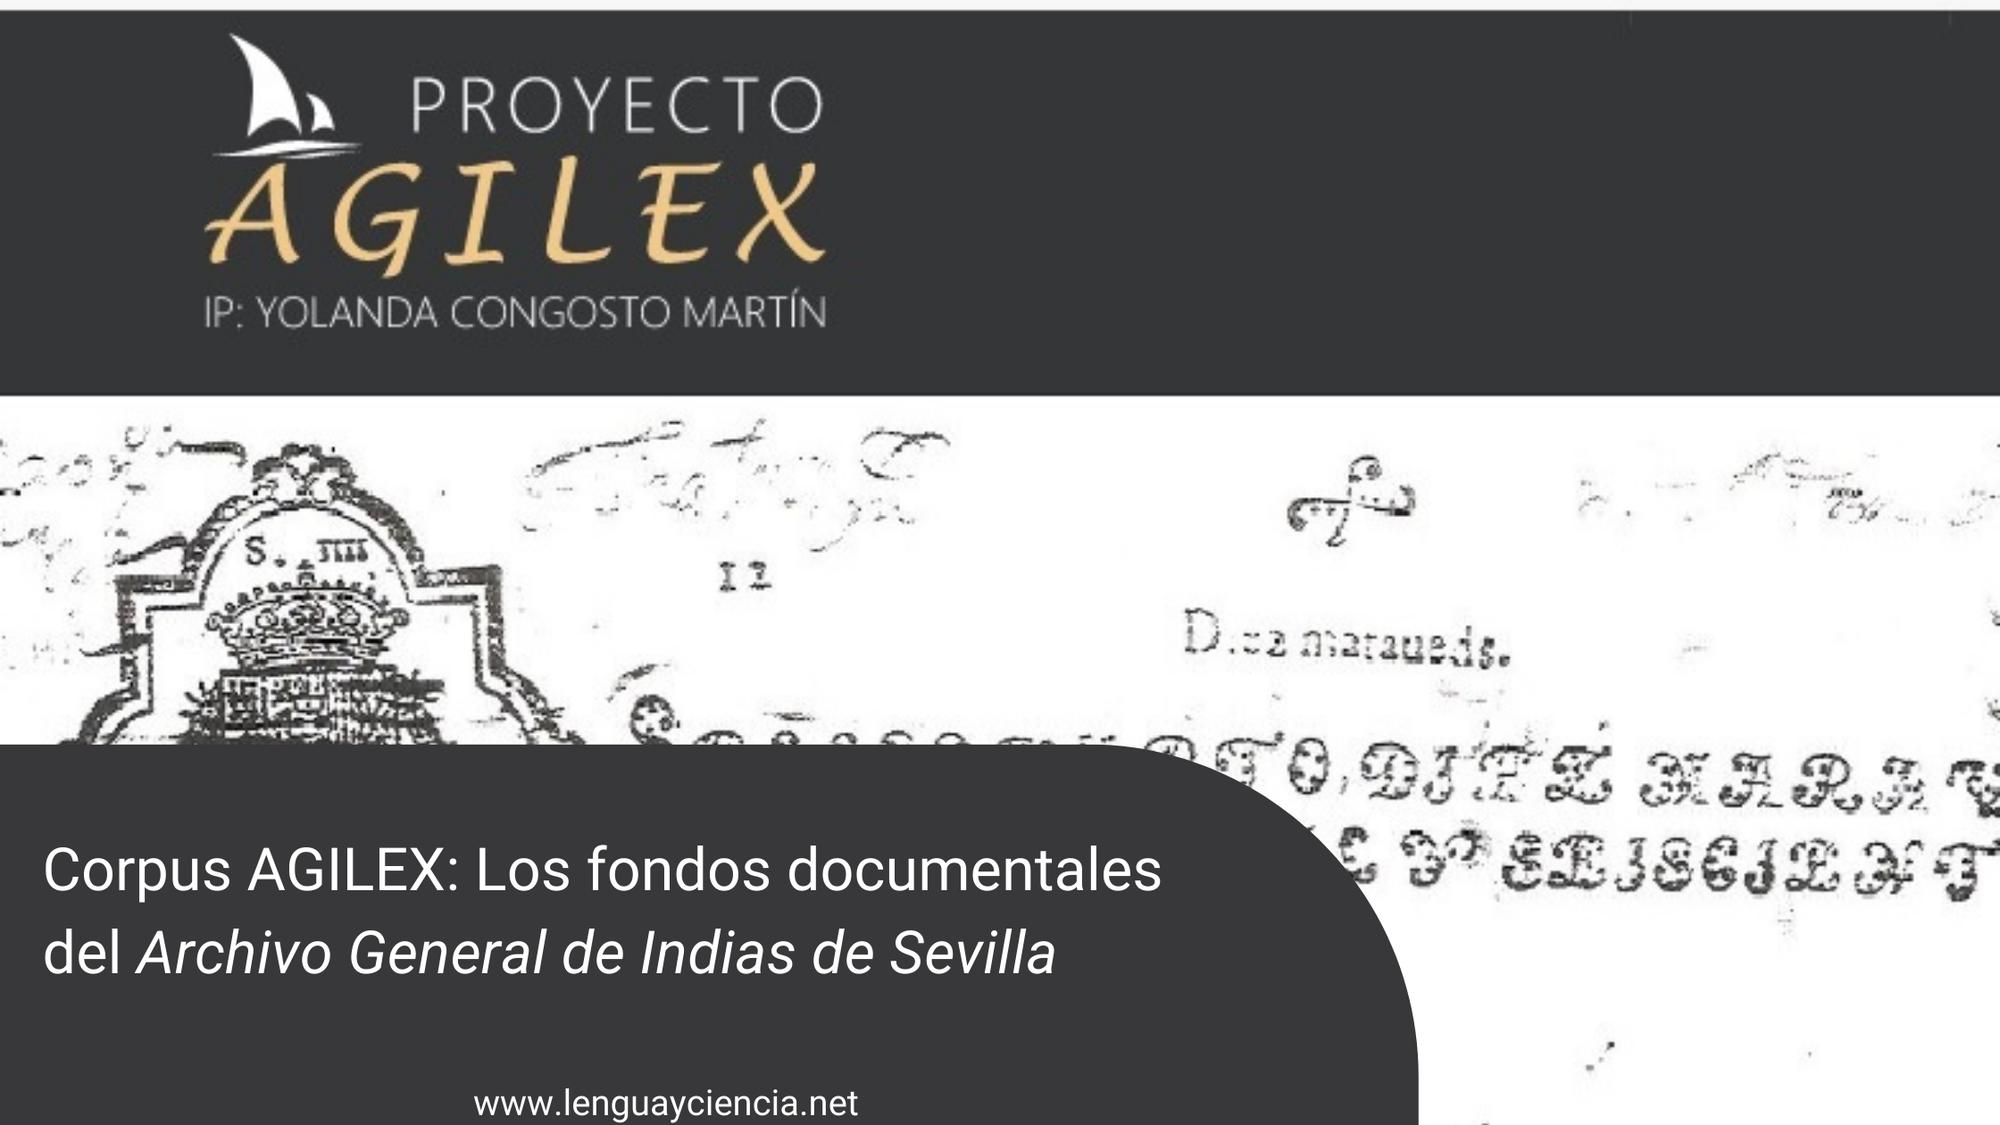 Corpus AGILEX: Los fondos documentales del Archivo General de Indias de Sevilla